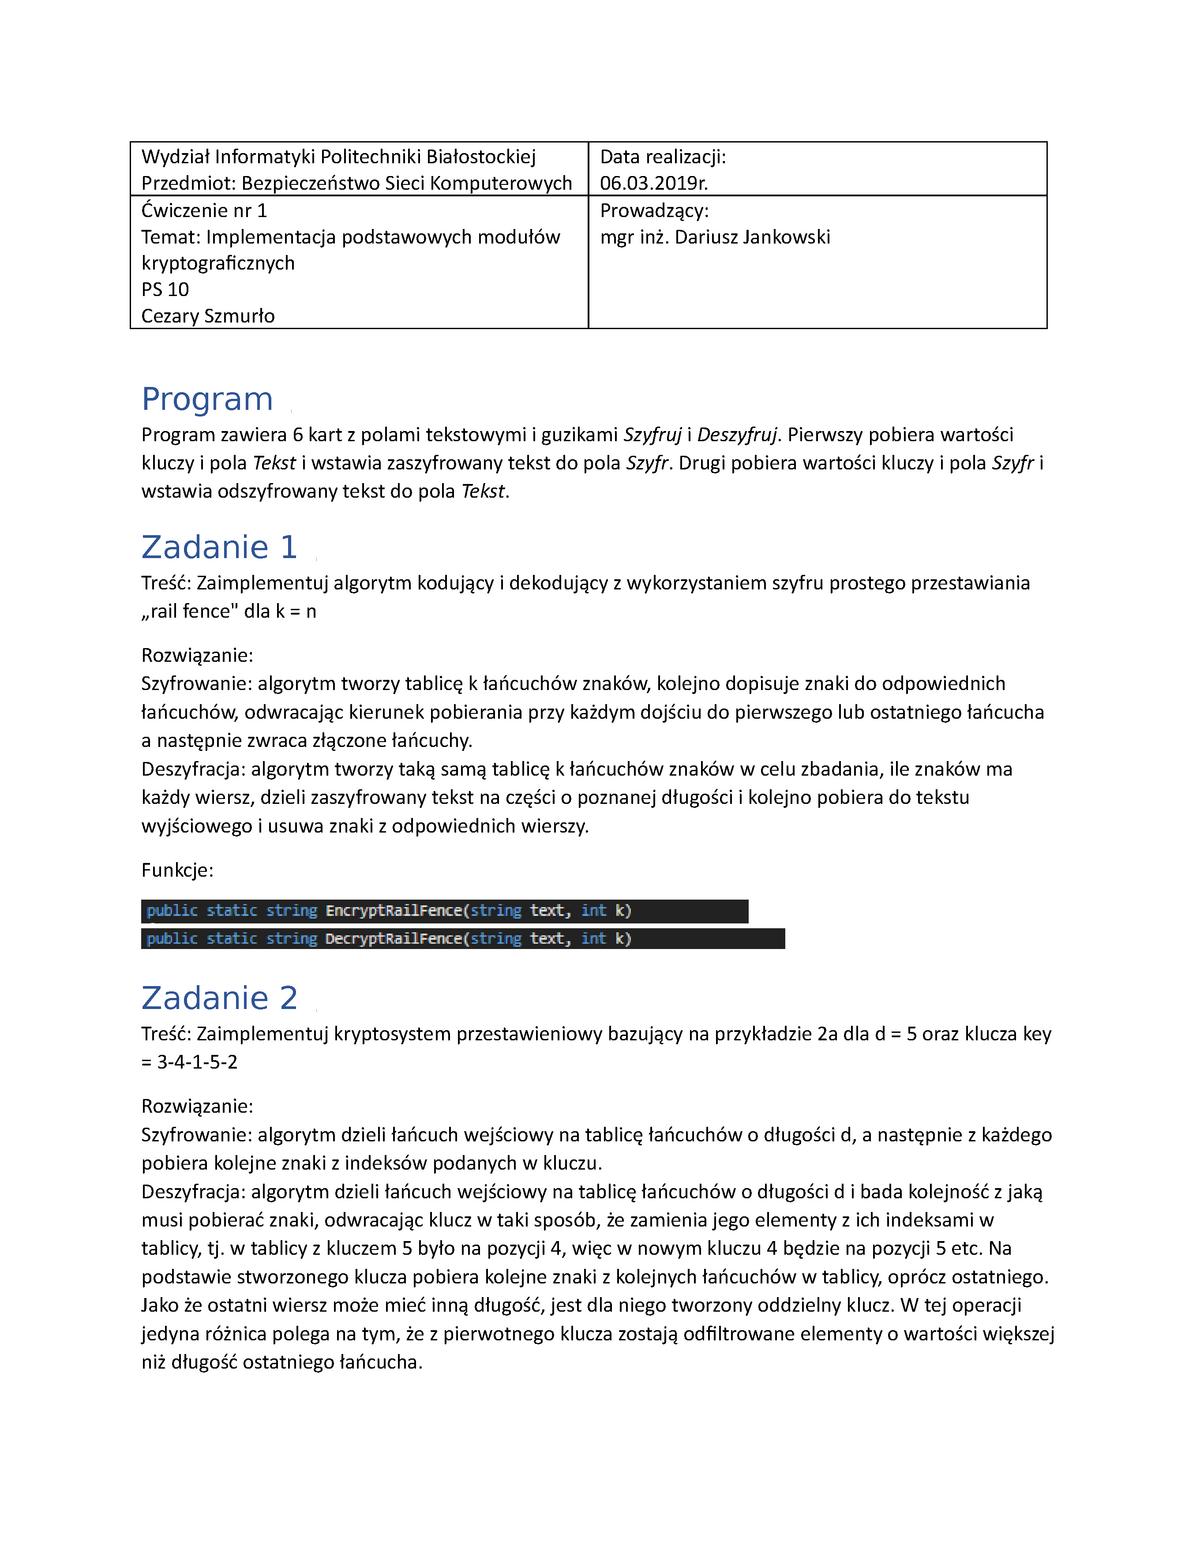 Bsk Sprawozdanie 1 Informatyka Eds1a1007 Pb Studocu